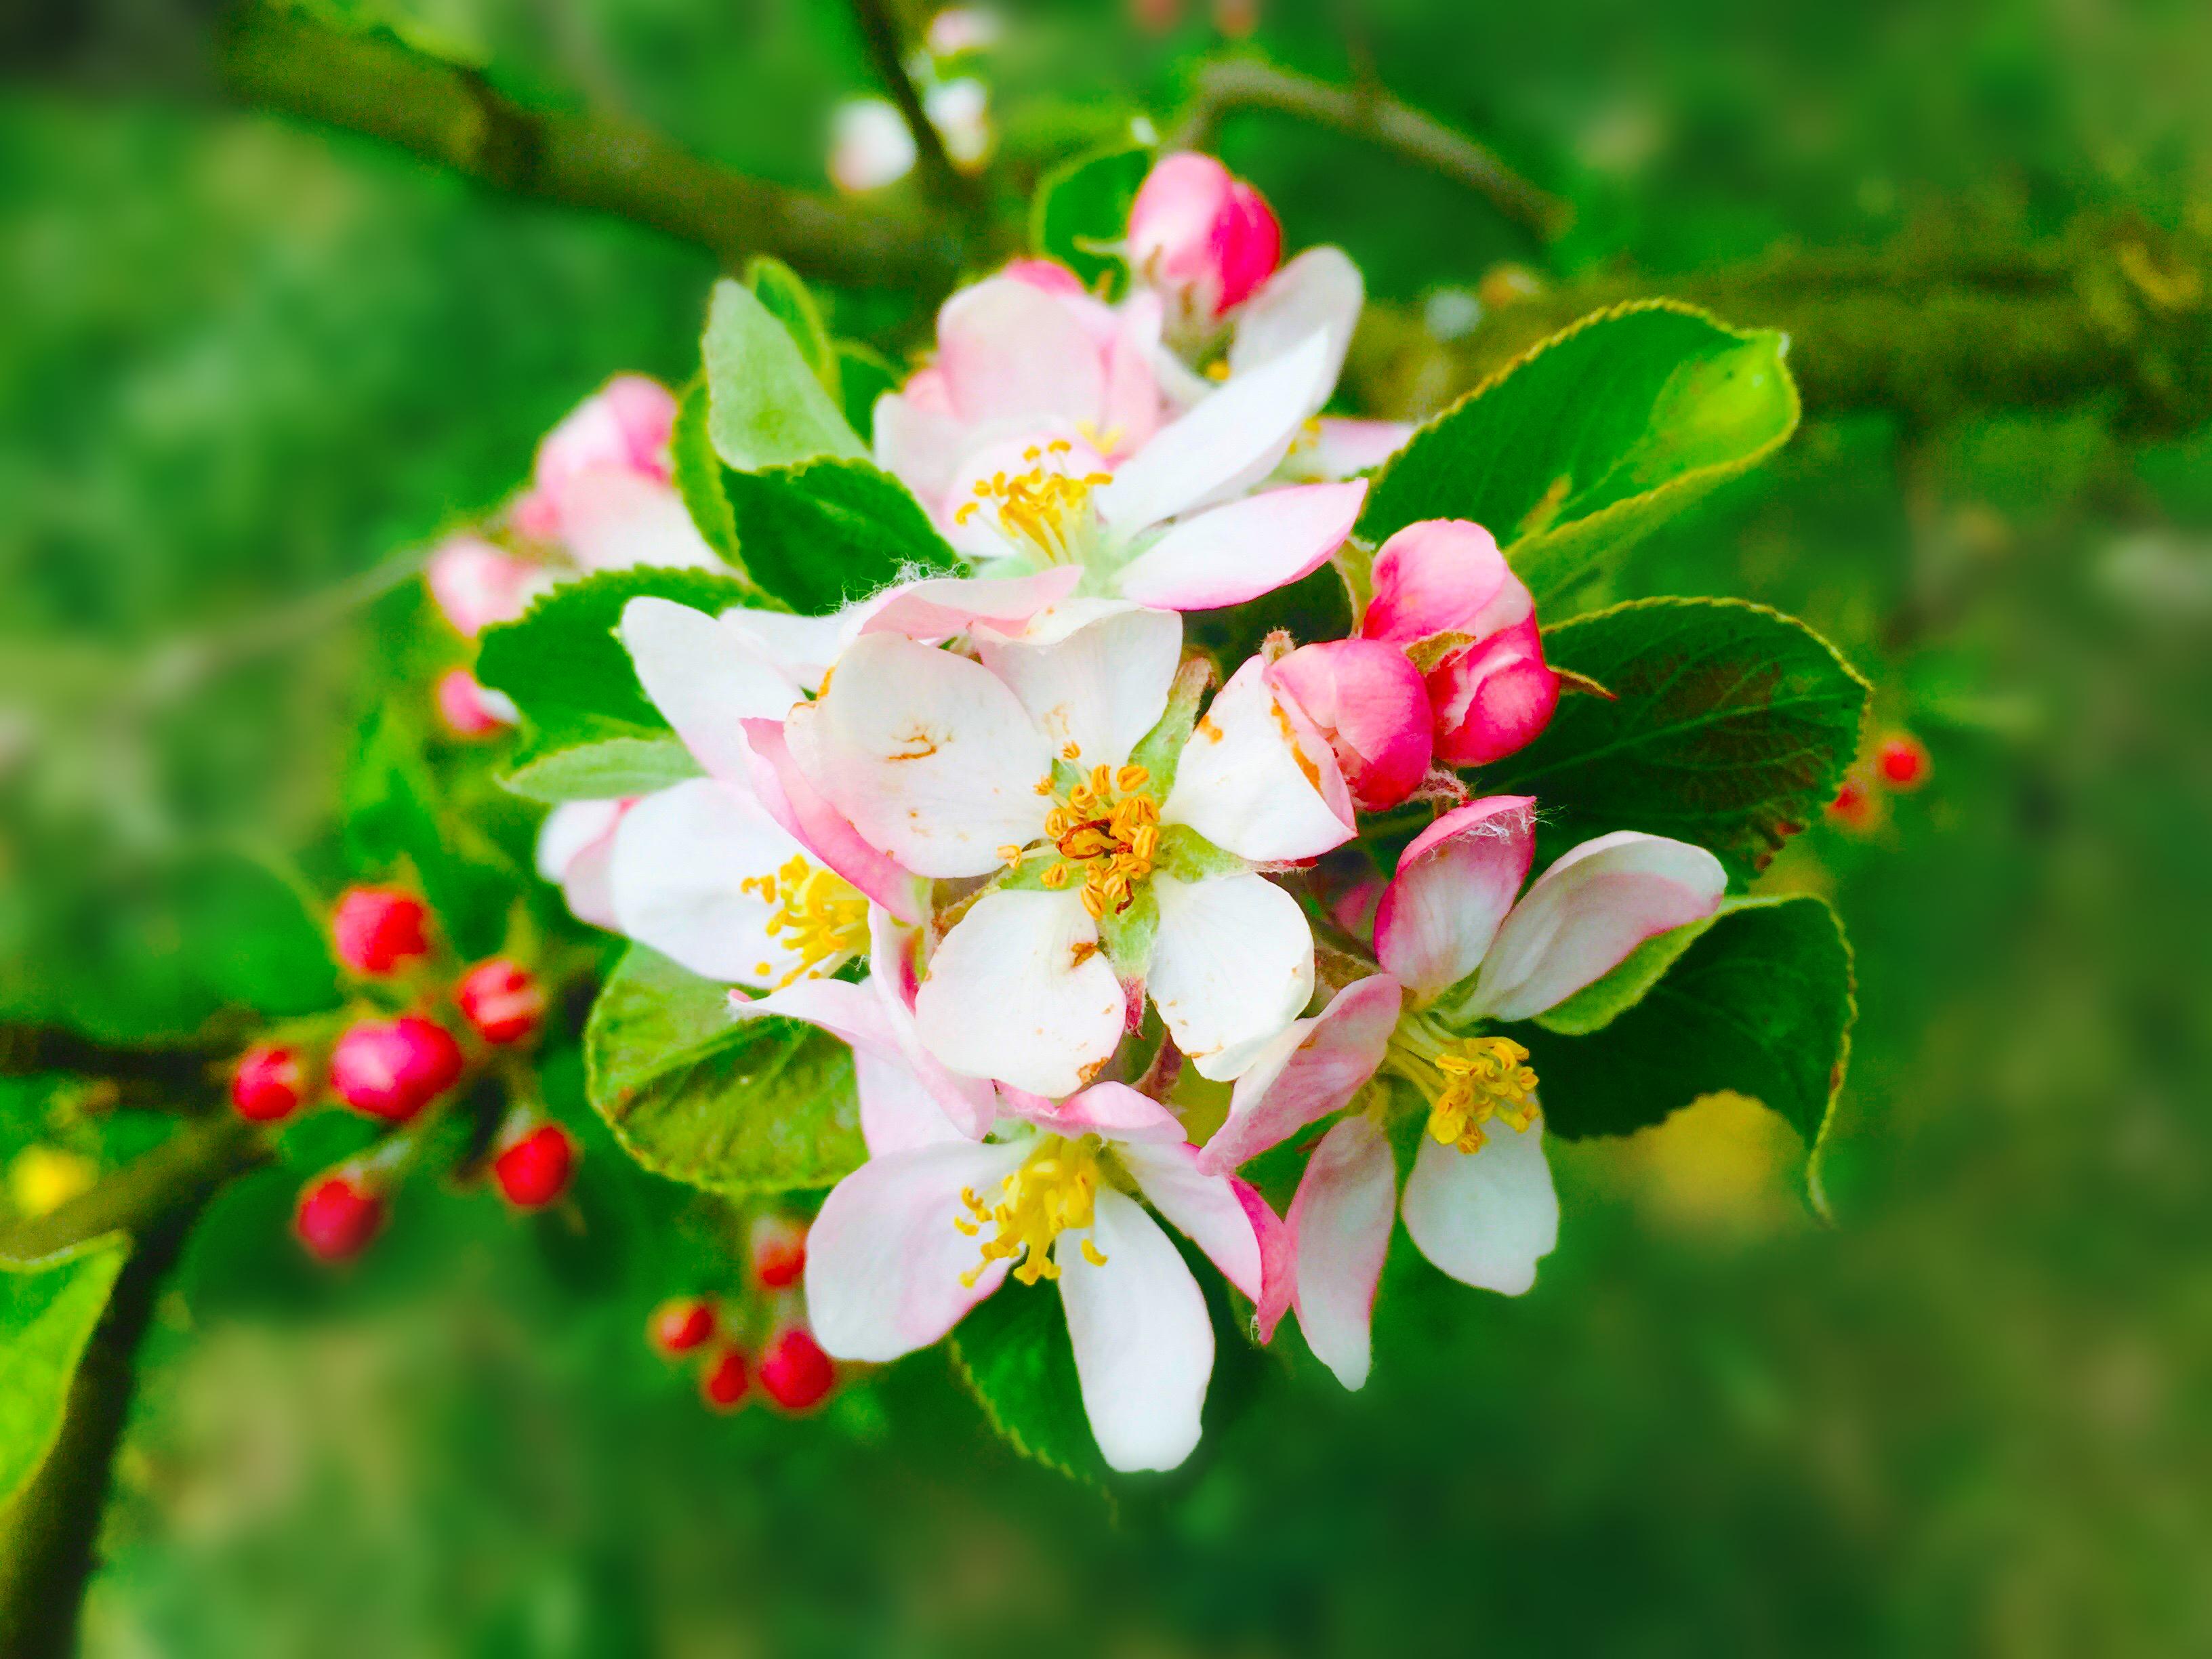 Rozkvetlá jabloň - Ilustrační fotky